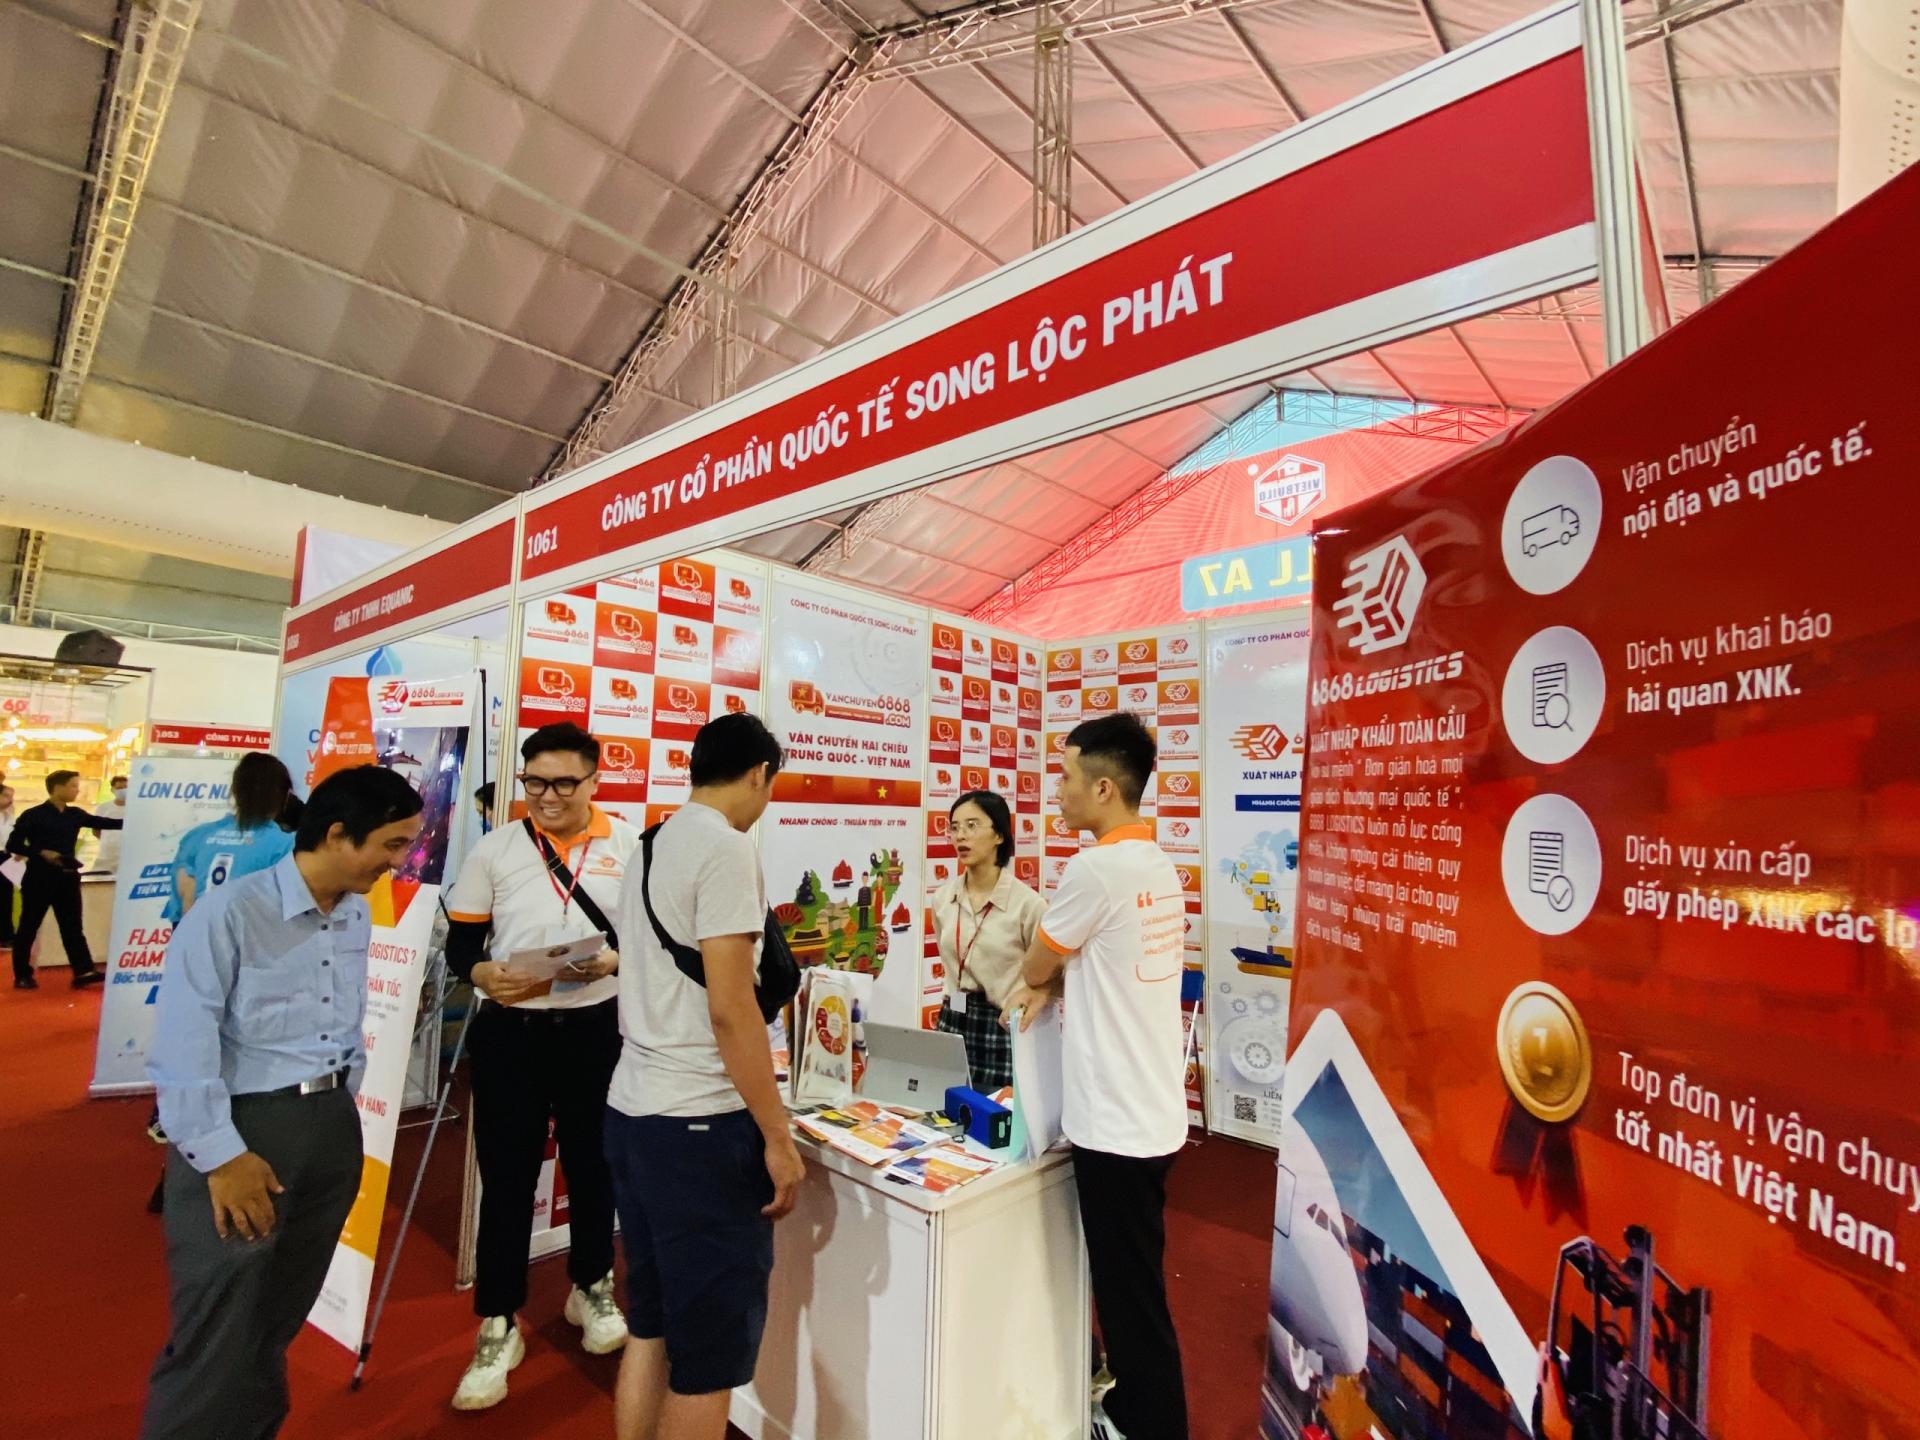 6868 Logistics tham gia triển lãm quốc tế Vietbuild Thành phố Hồ Chí Minh